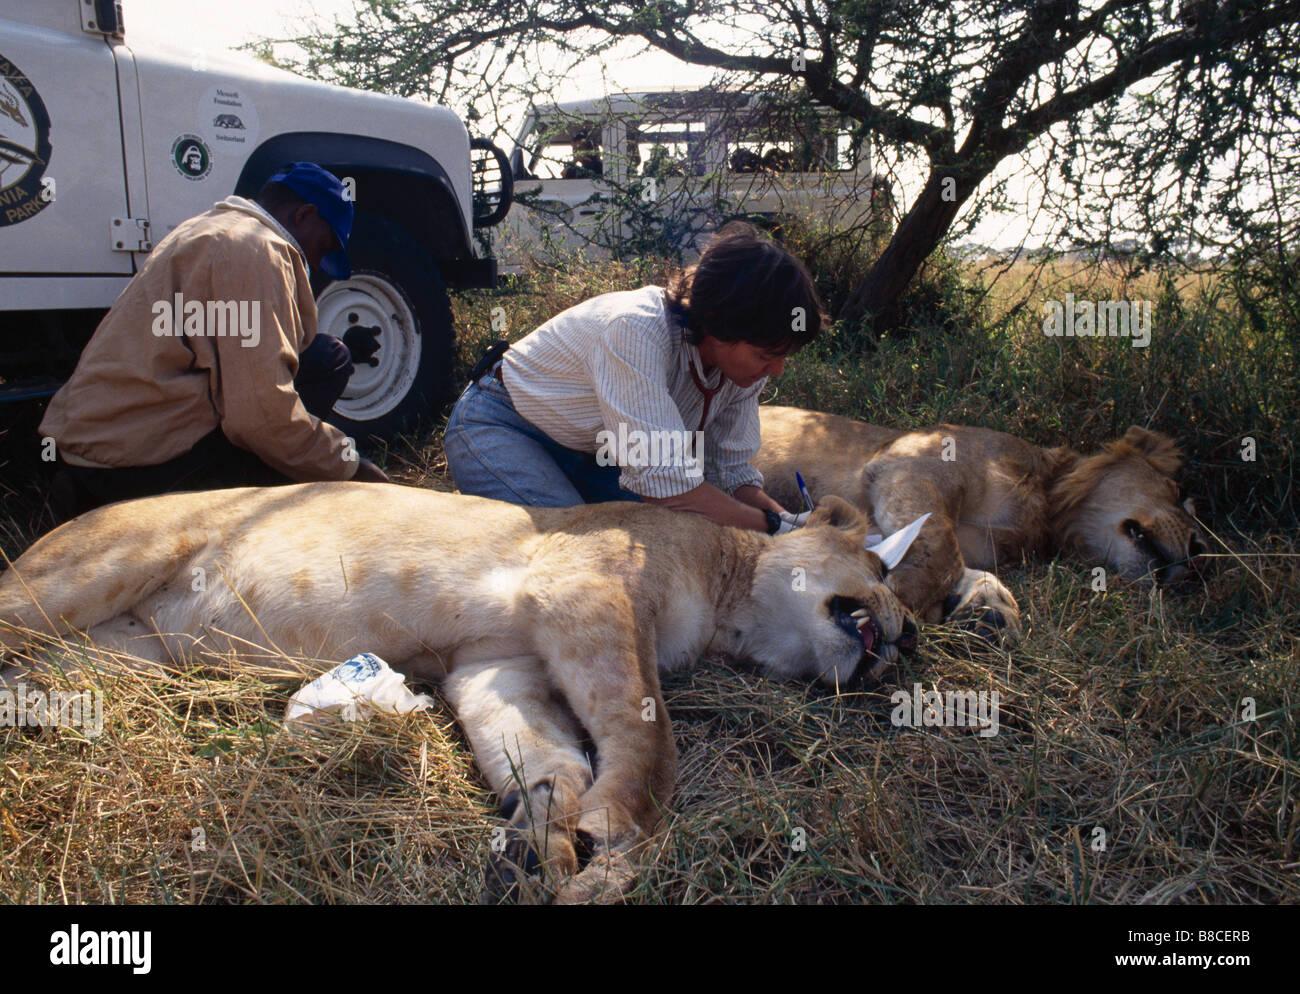 LION DISEASE - Stock Image